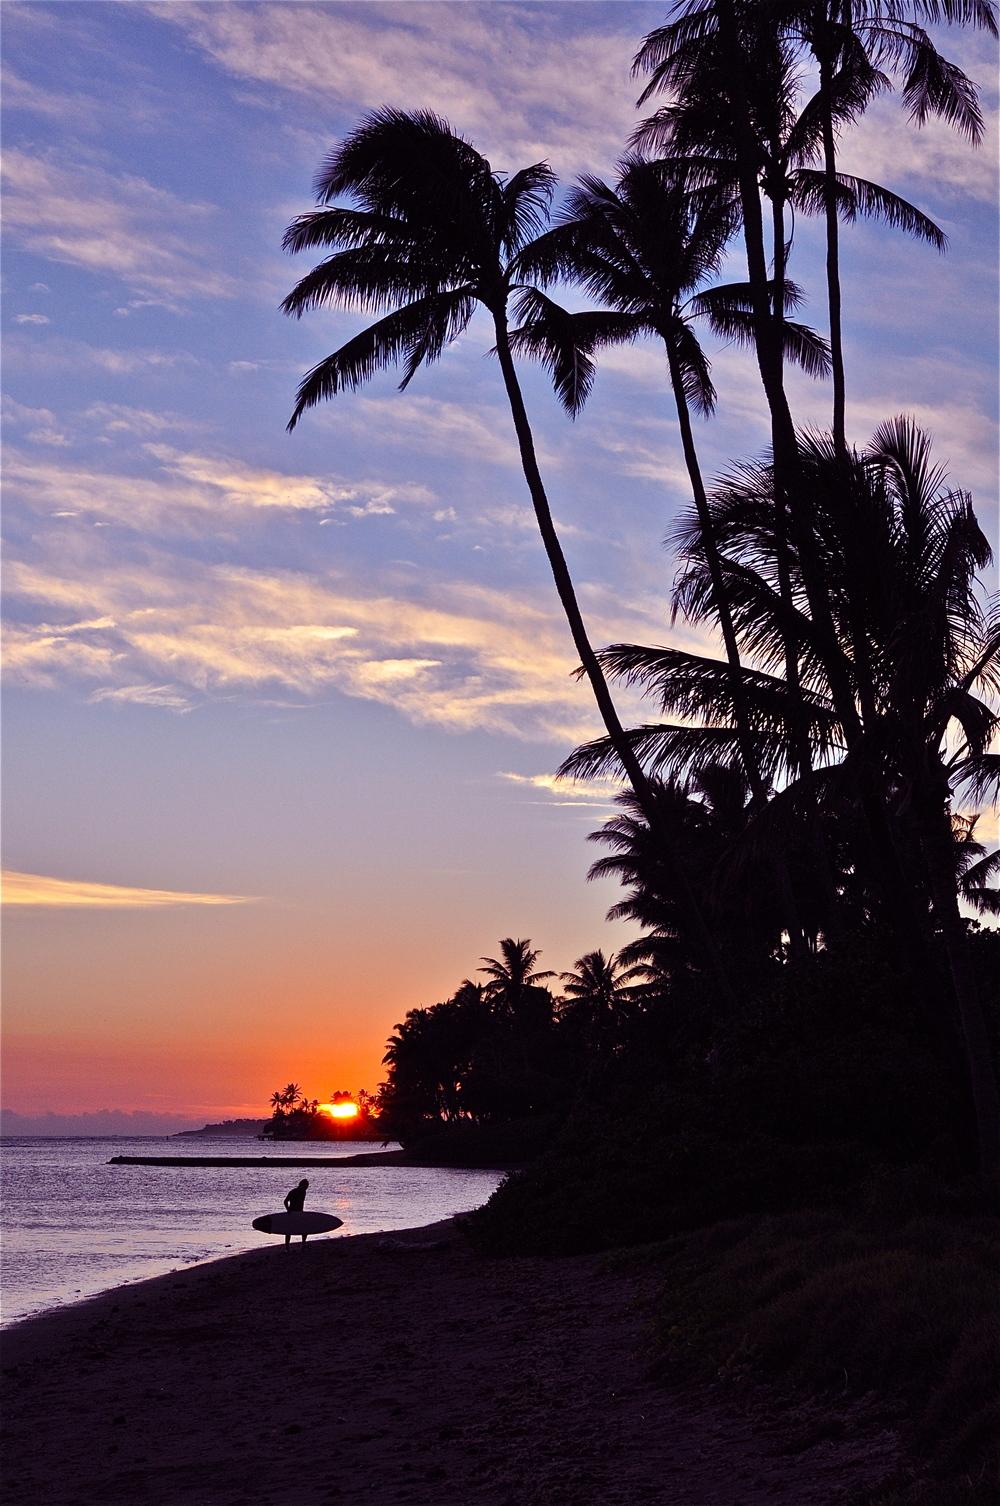 Oahu, Surfing, Sunset - A Pilot's Daughter